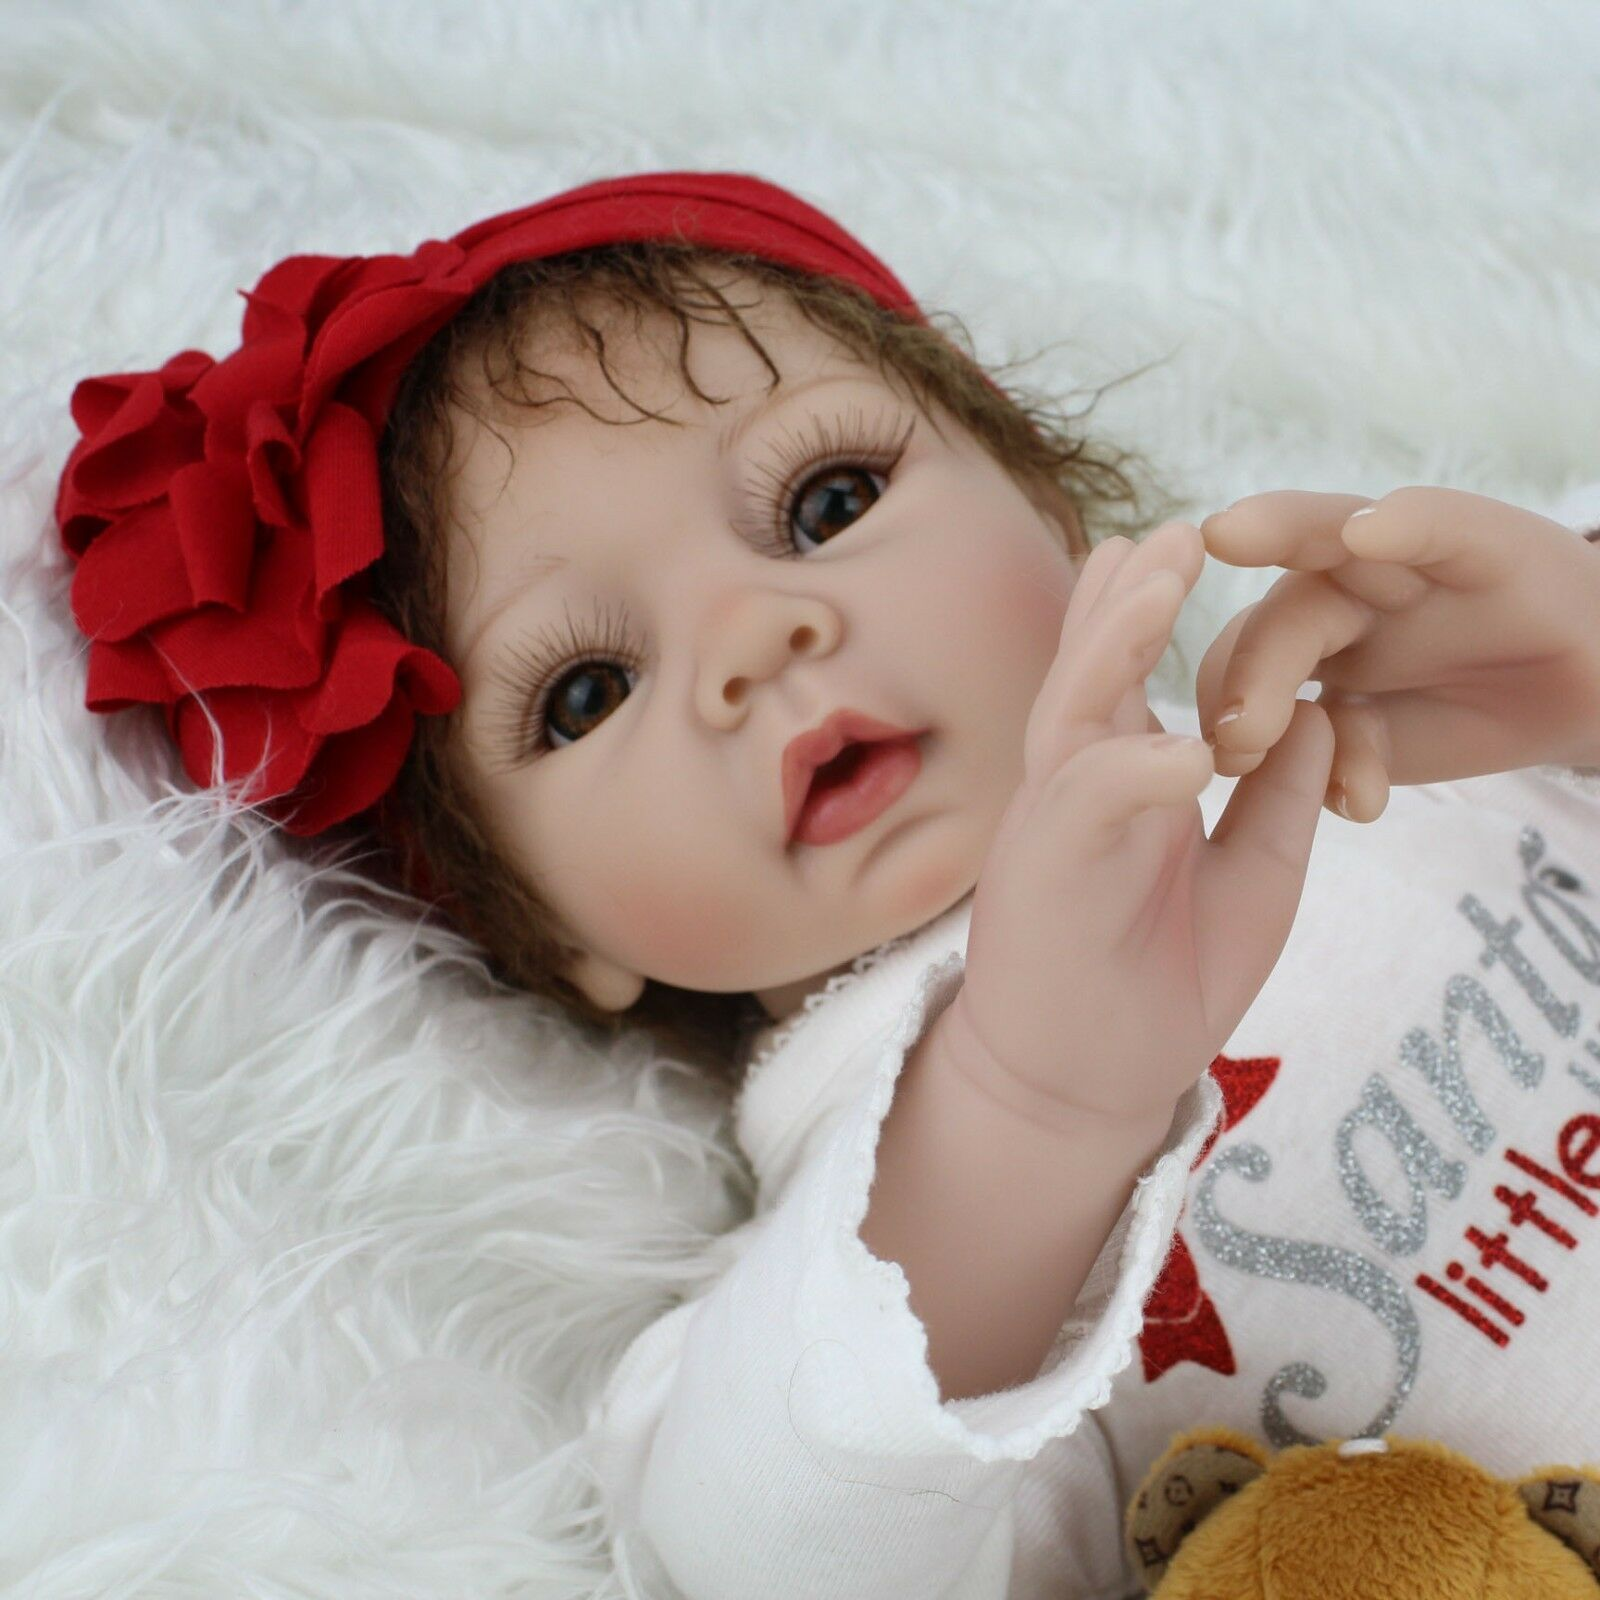 22  realista Reborn Bebé Niñas Muñeca Vinilo Suave buscando Recién Nacido Lindo Niños Regalos